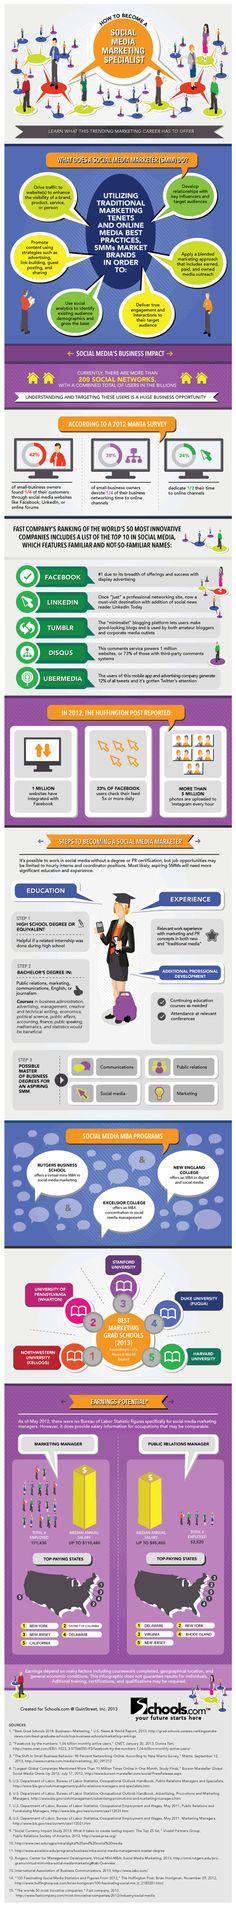 Como se tornar uma especialista em marketing nas mídias sociais [infografico]